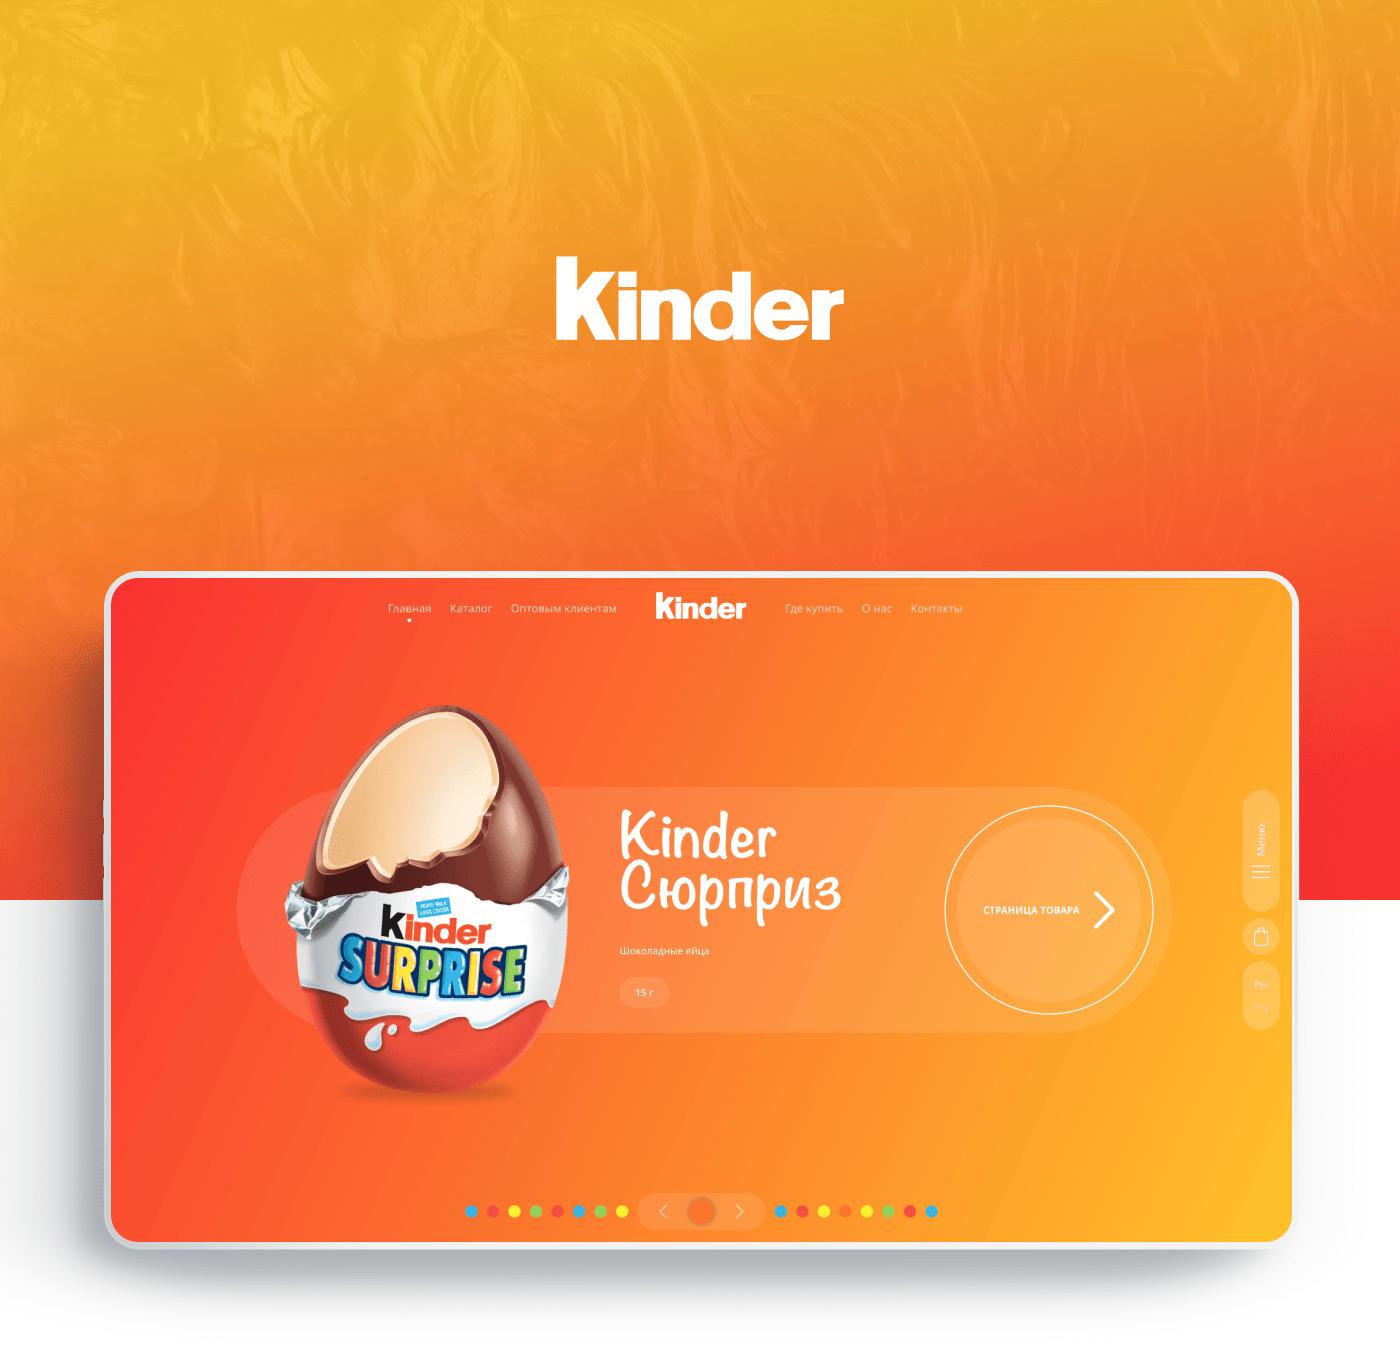 Kinder Shop Online